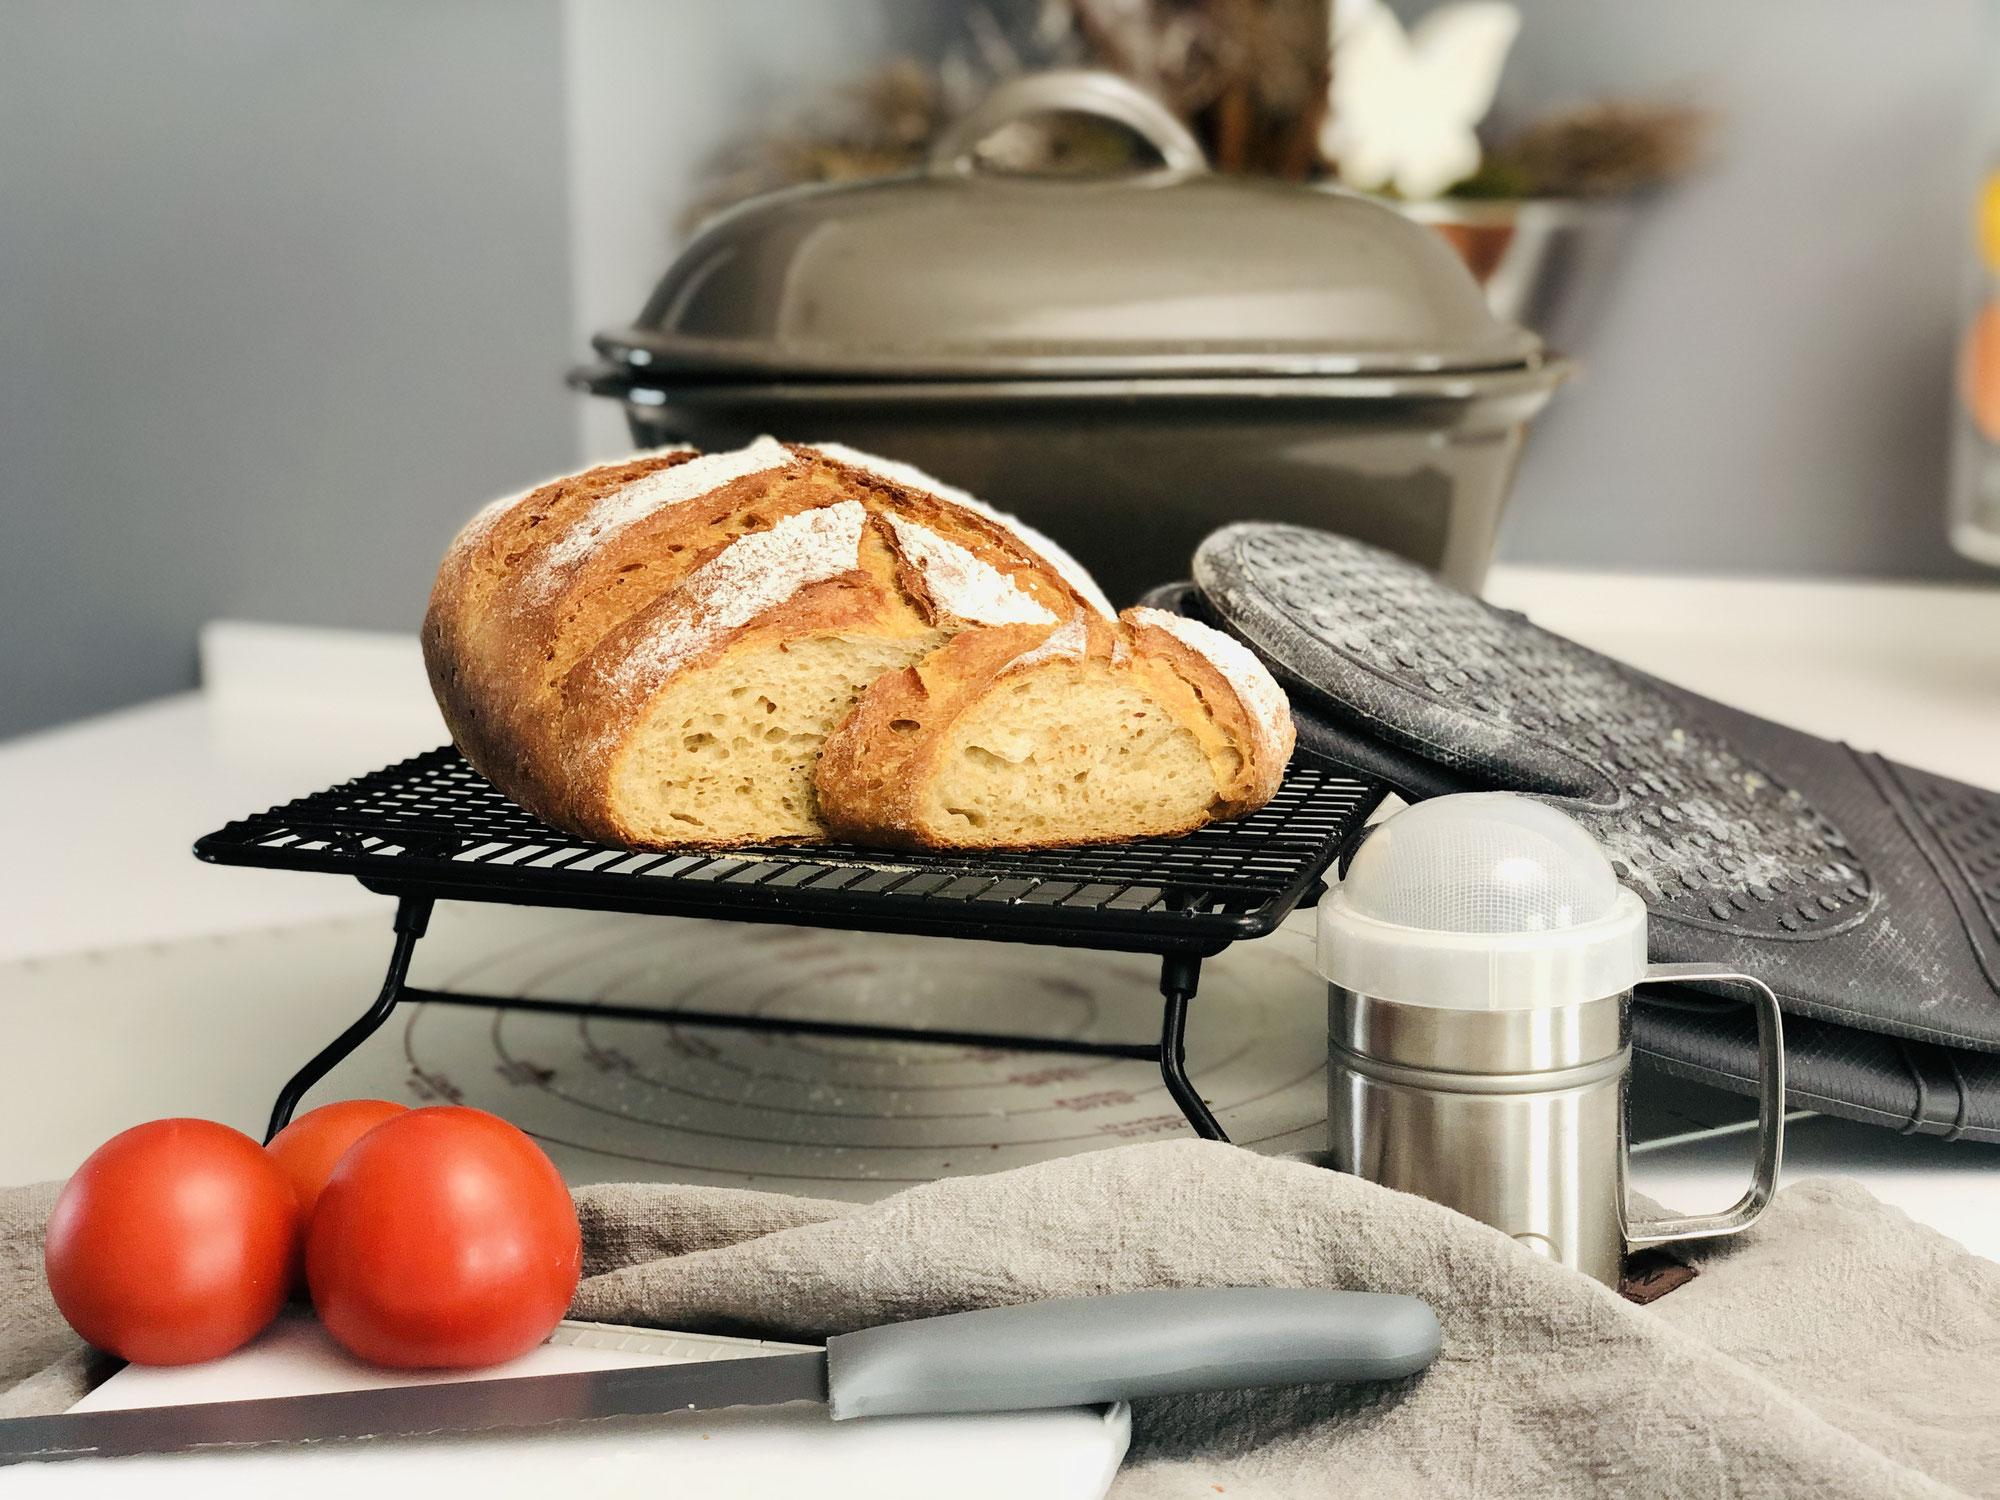 Brot mit gekochten Kartoffeln - Kartoffelbrot aus dem Ofenmeister von Pampered Chef®